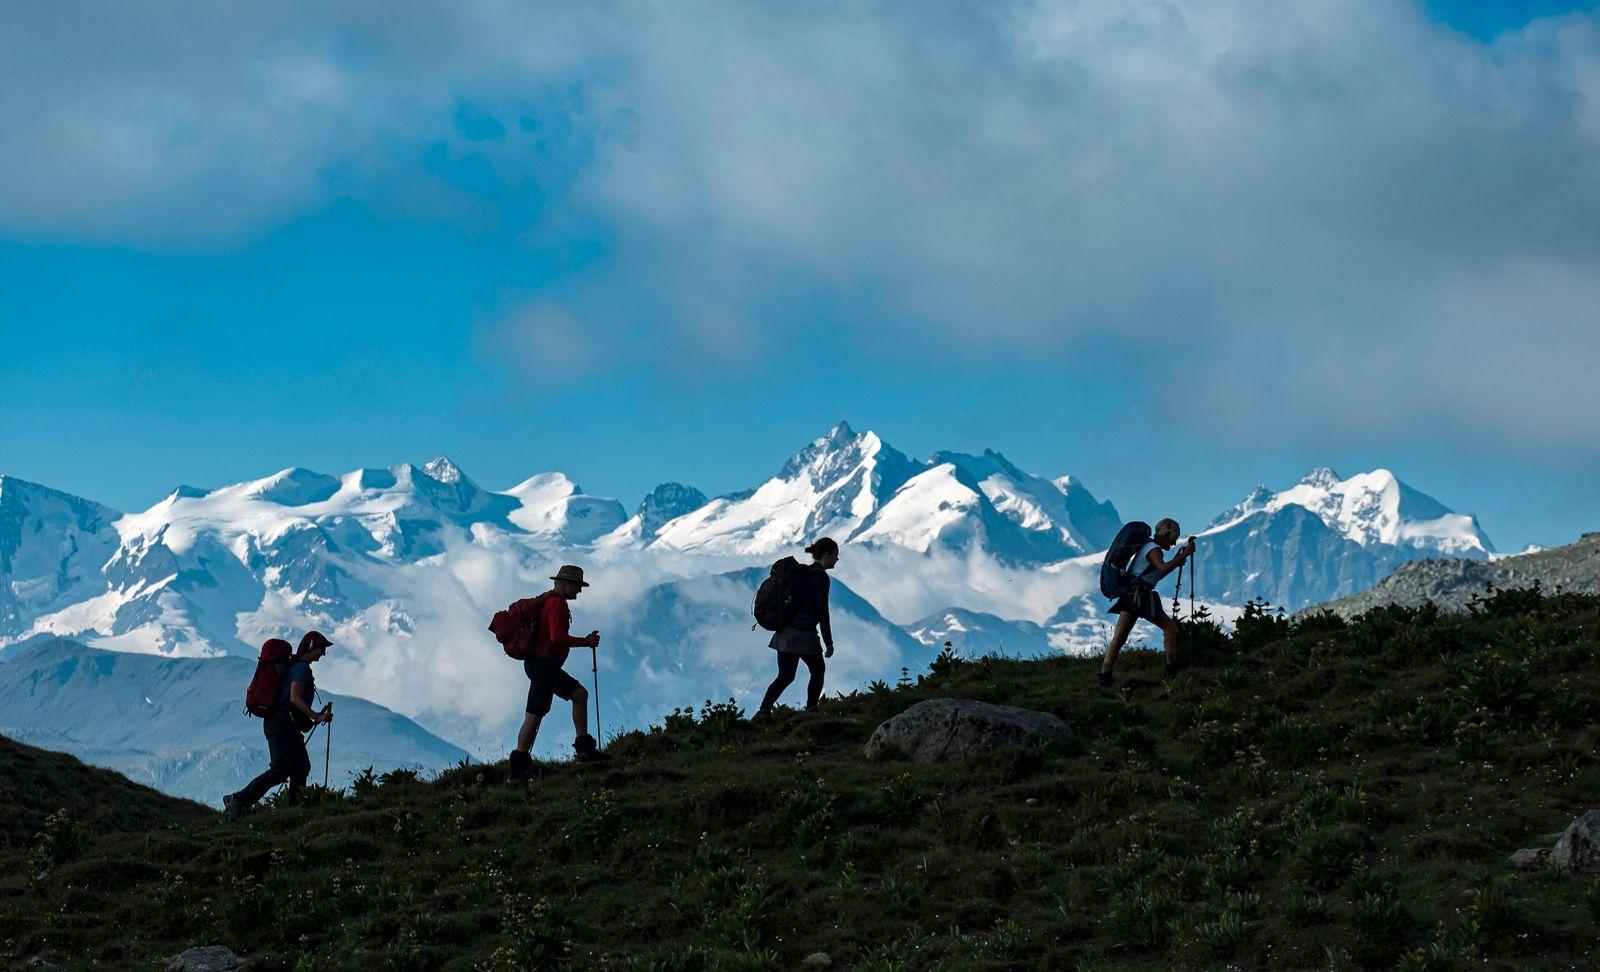 Wandergruppe in der Nähe vom Albulapass.Im Hintergrund die Berninagruppe